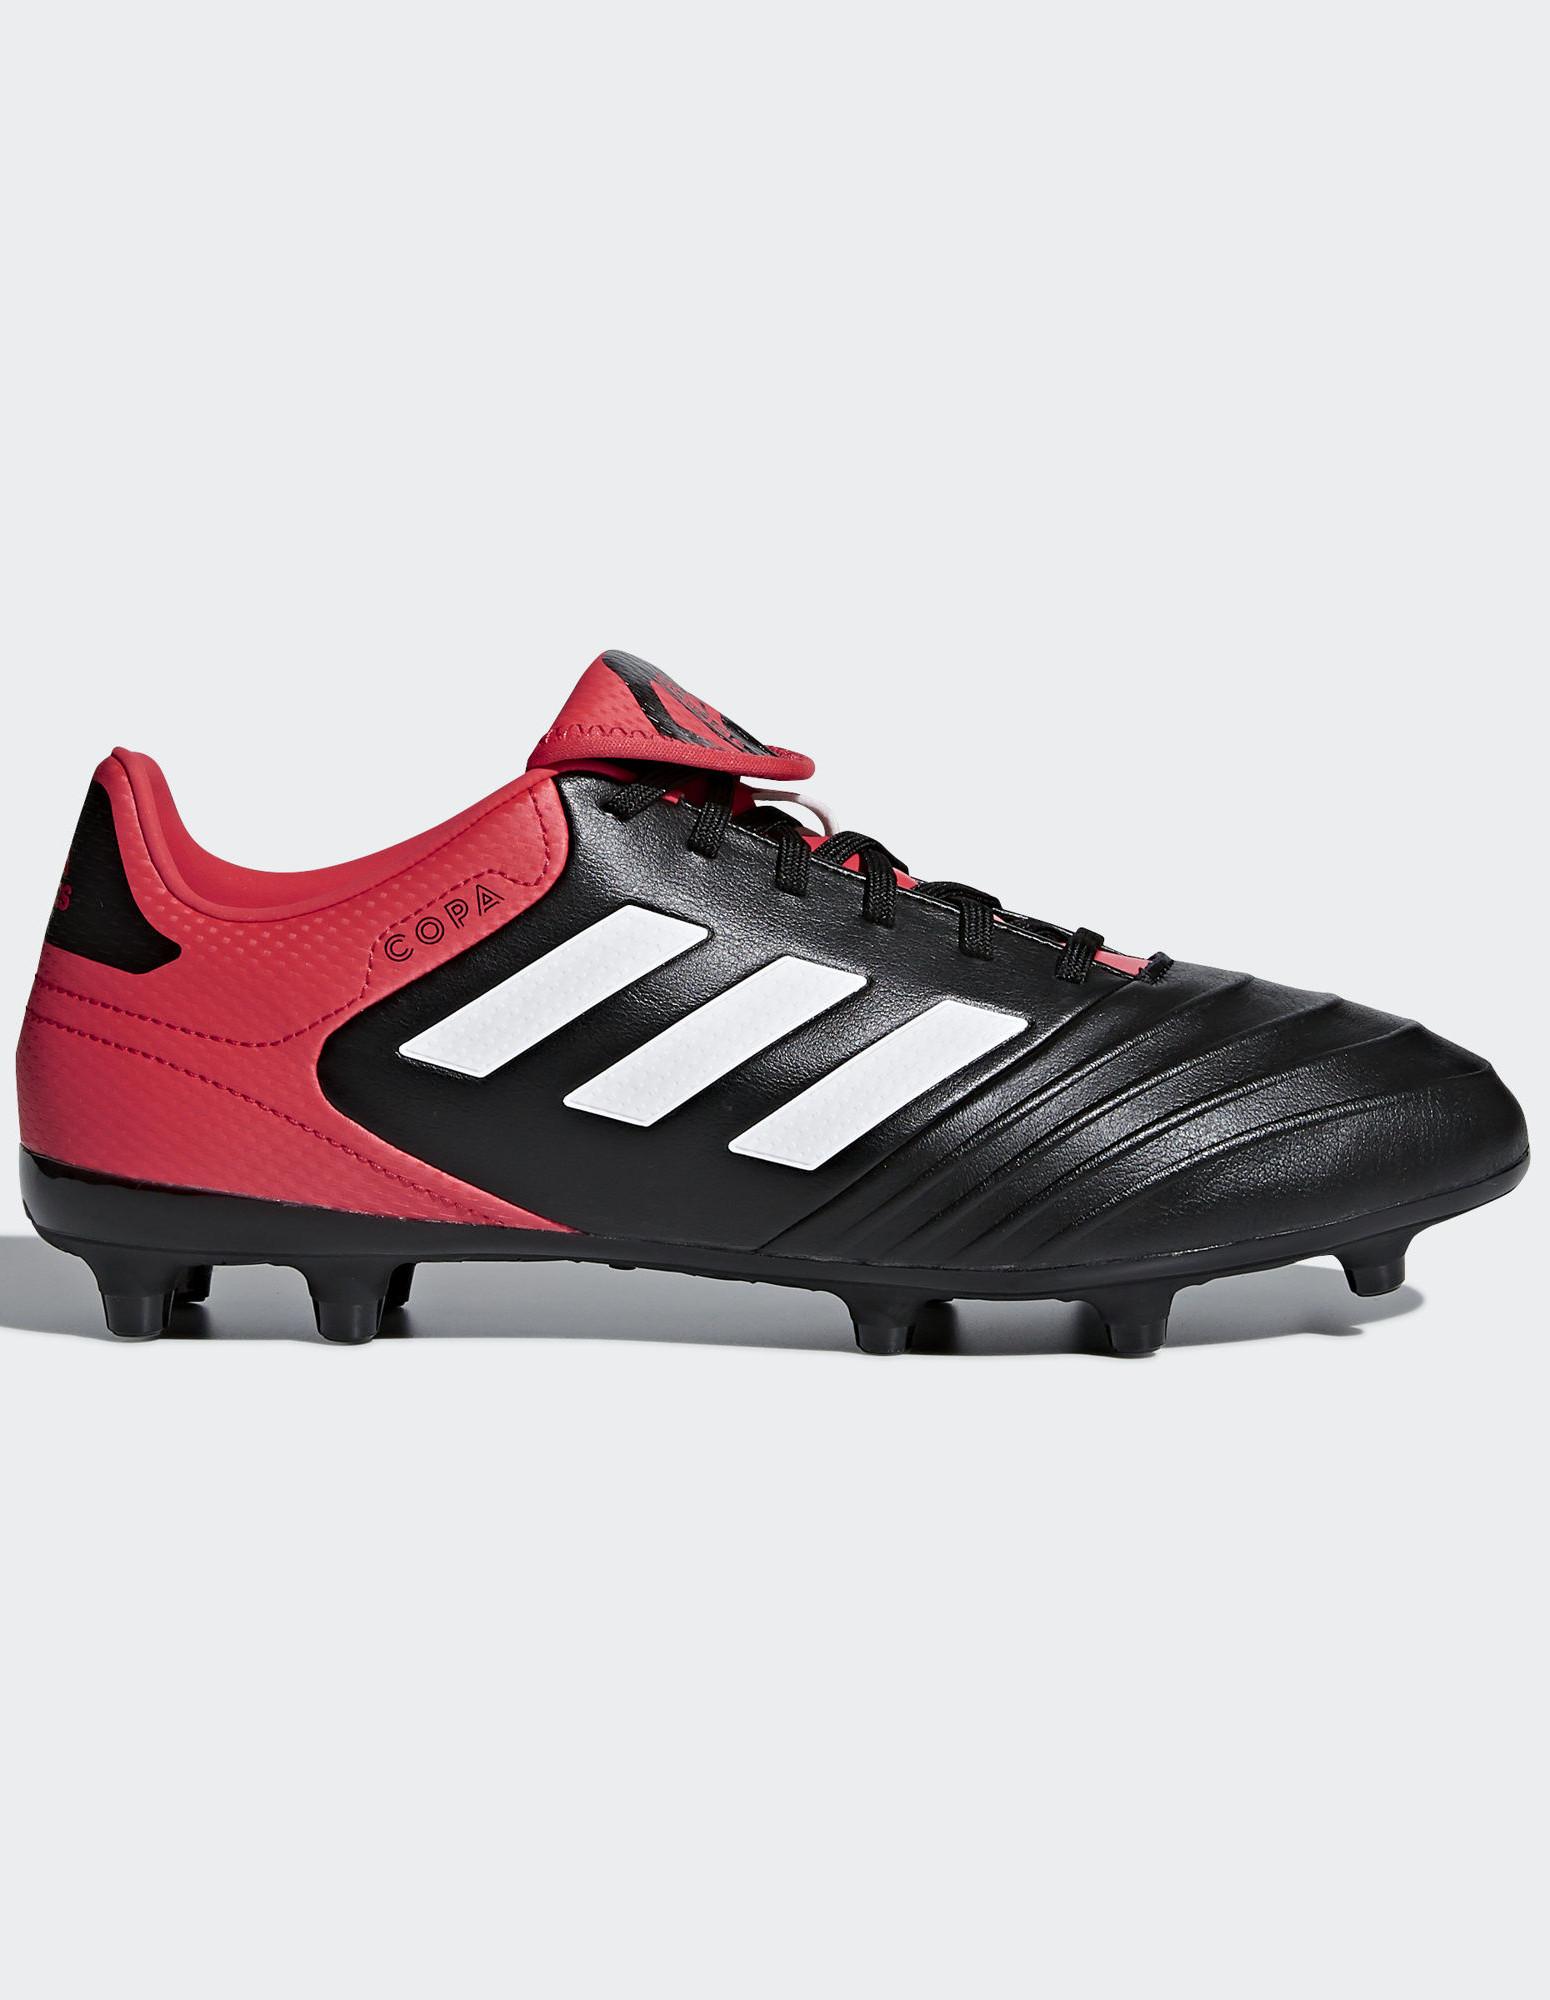 new products 77603 87e1f Football shoes Adidas Scarpe Calcio Copa 18.3 FG Mundial Nero Vera Pelle 4 4  di 9 ...